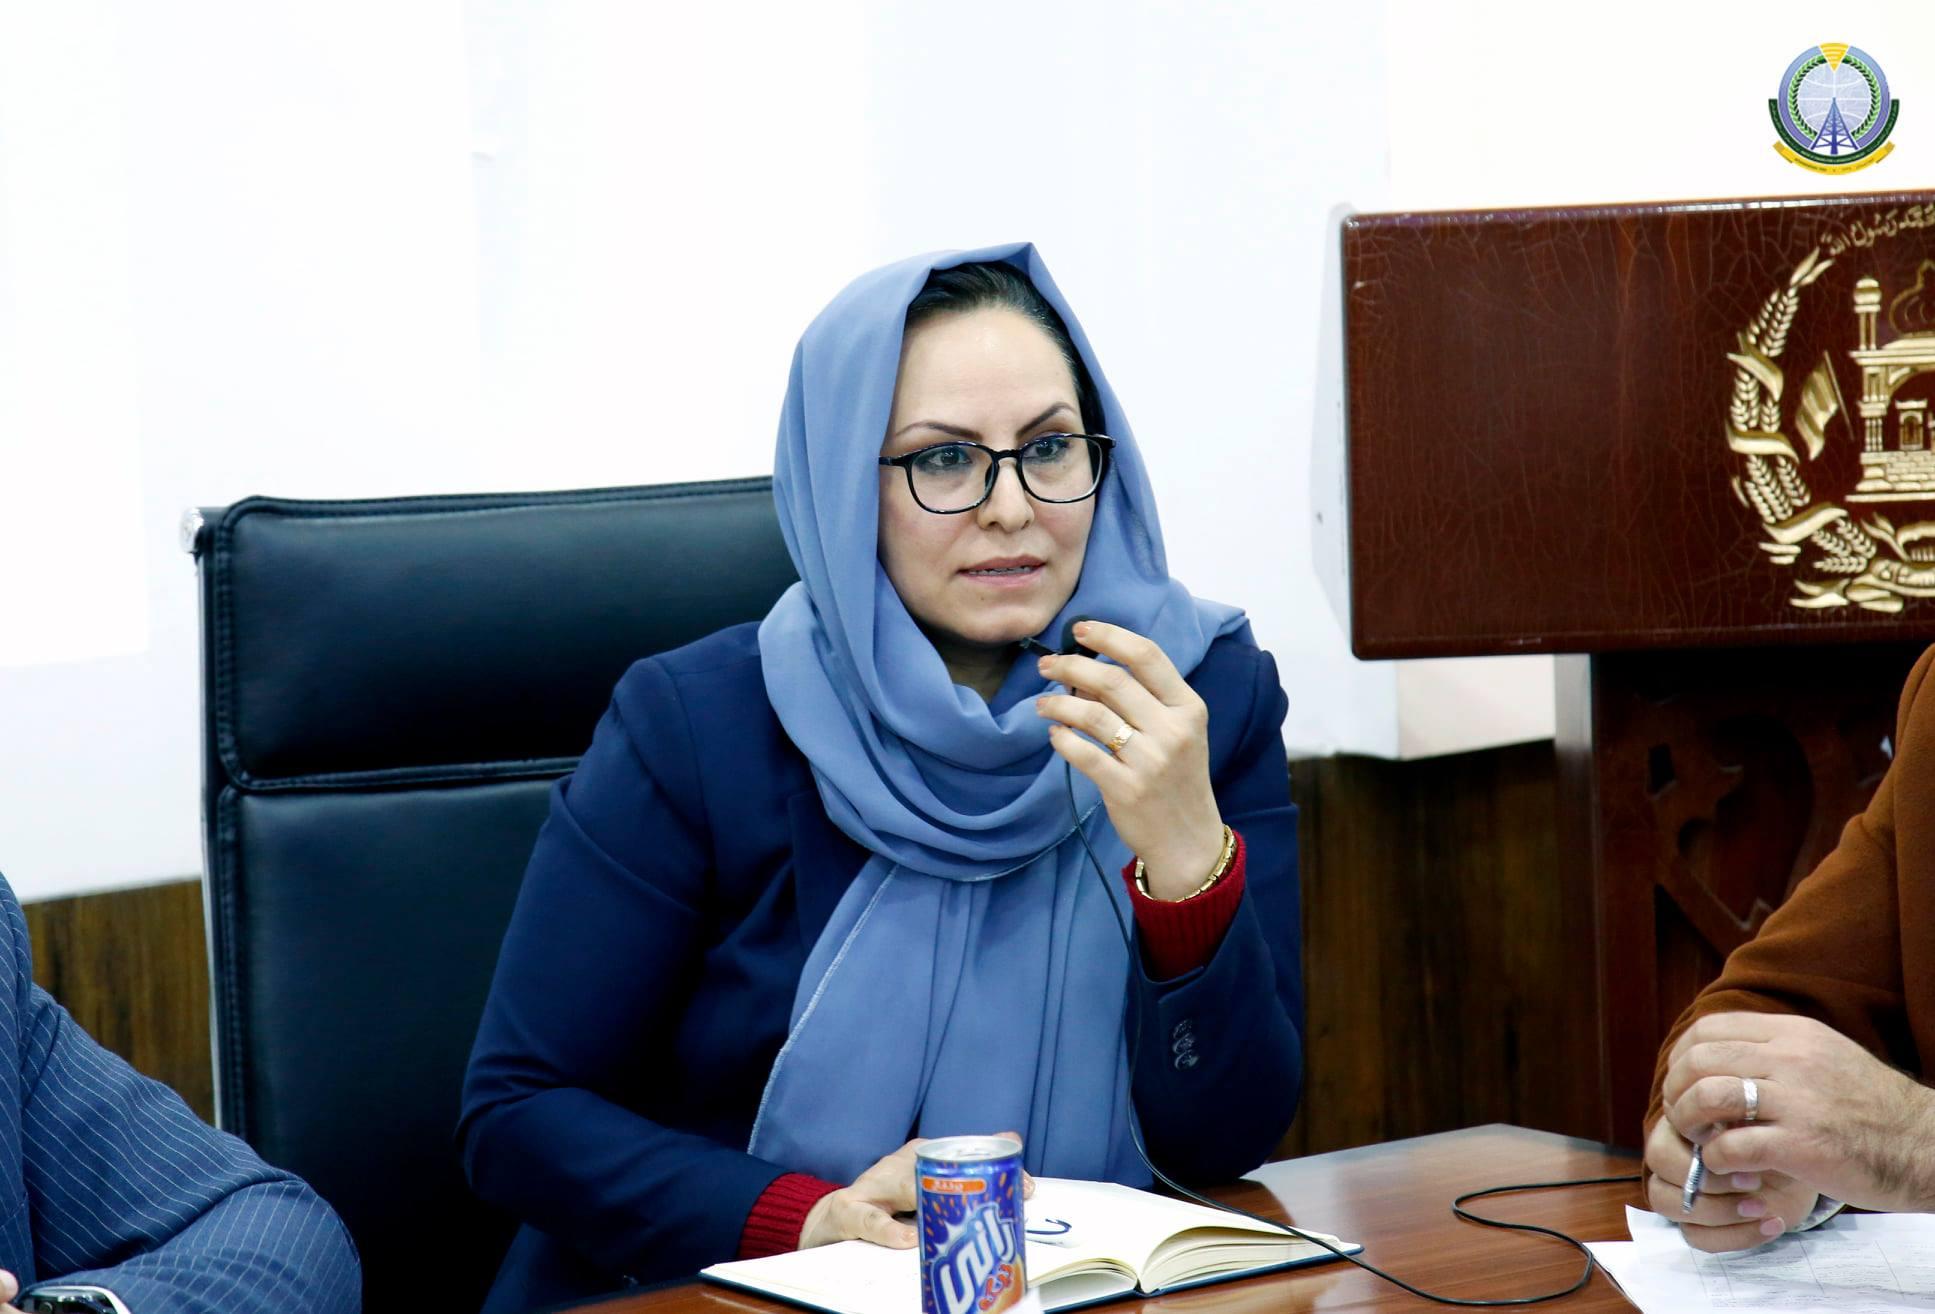 د اطلاعاتو د لاسرسي کمیسیون کمیشنرې محترمې زهرا موسوي